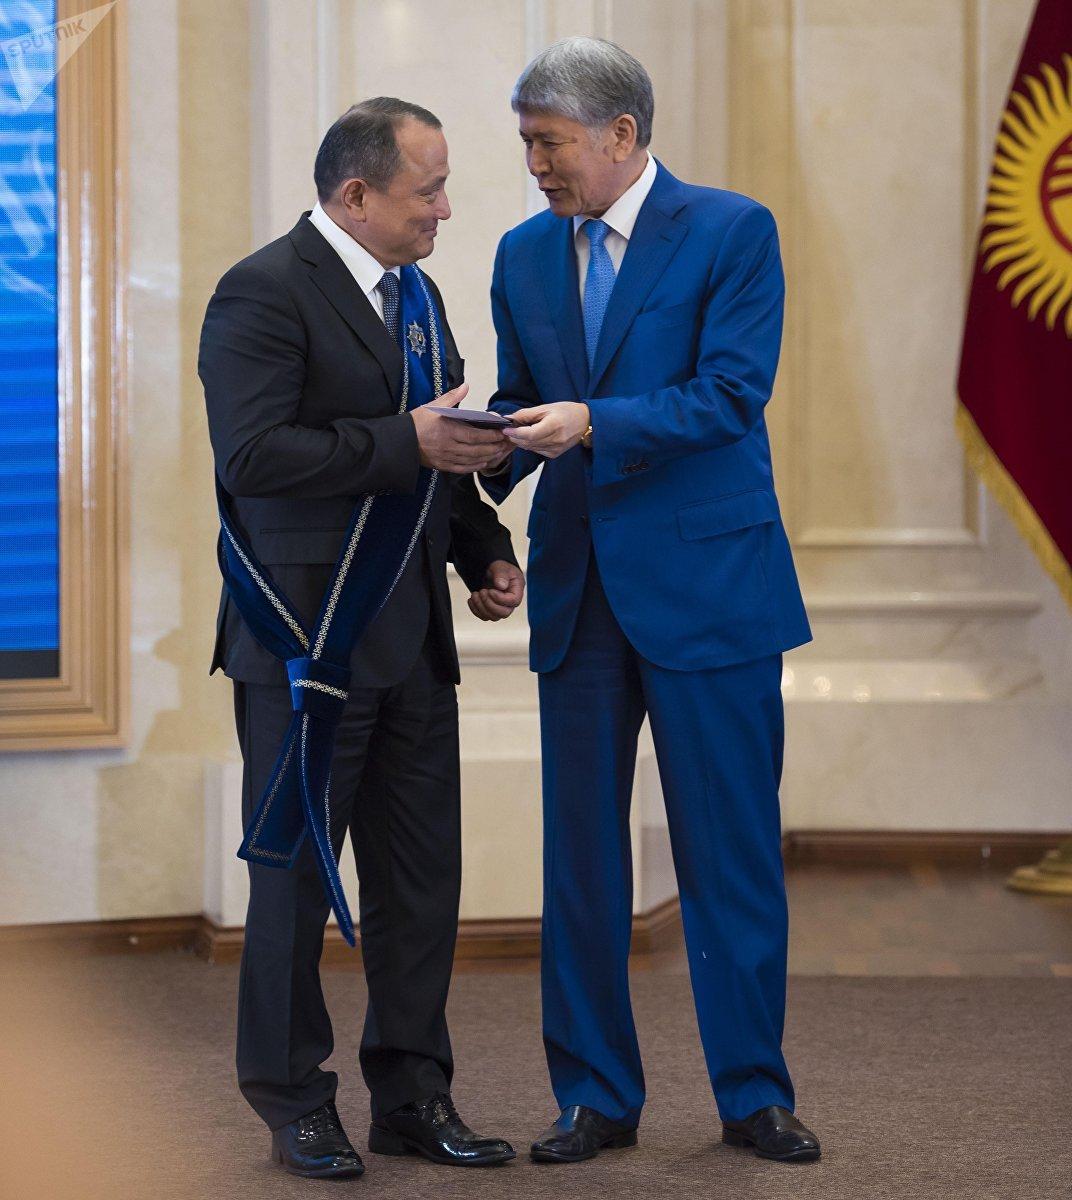 Директор Бишкекского научно-исследовательского центра травматологии и ортопедии Сабырбек Жумабеков награжден орденом Манас II степени